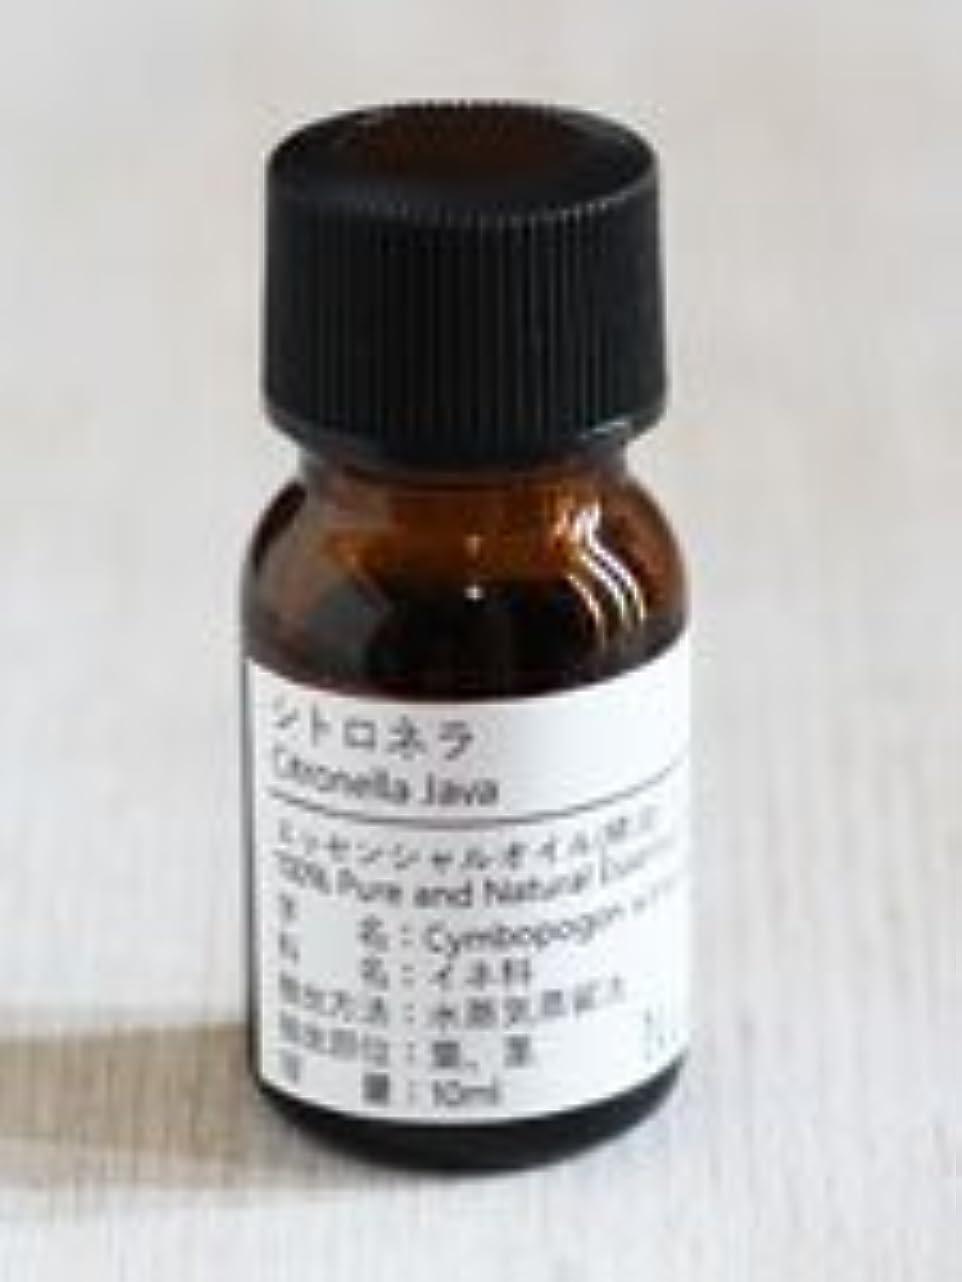 テンション尋ねるスリップNatural蒼 シトロネラ/エッセンシャルオイル 精油天然100% (10ml)